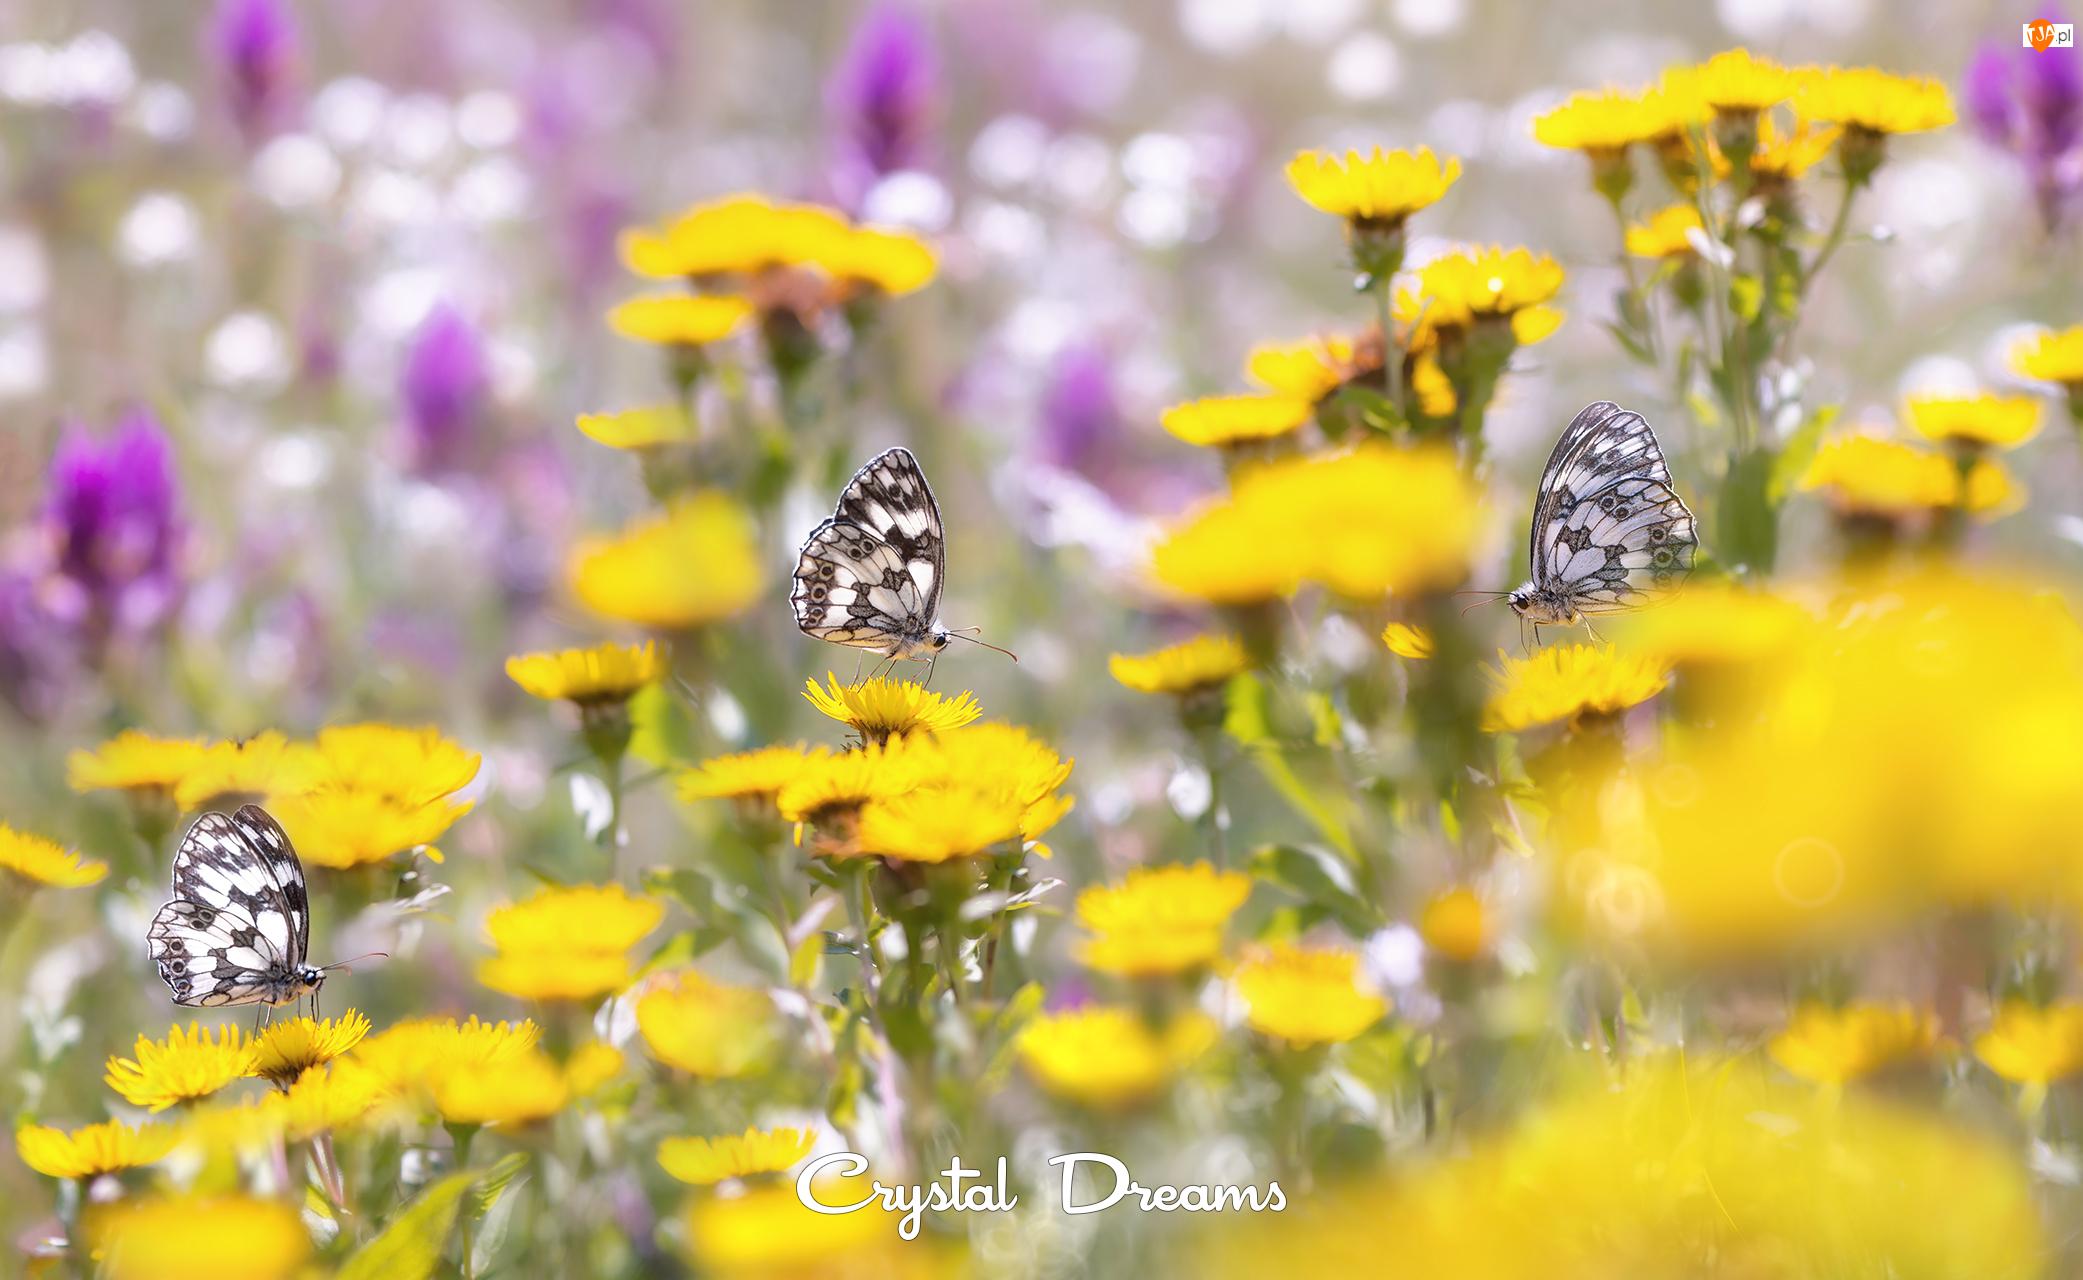 Polowce szachownice, Kwiaty, Motyle, Trzy, Żółte